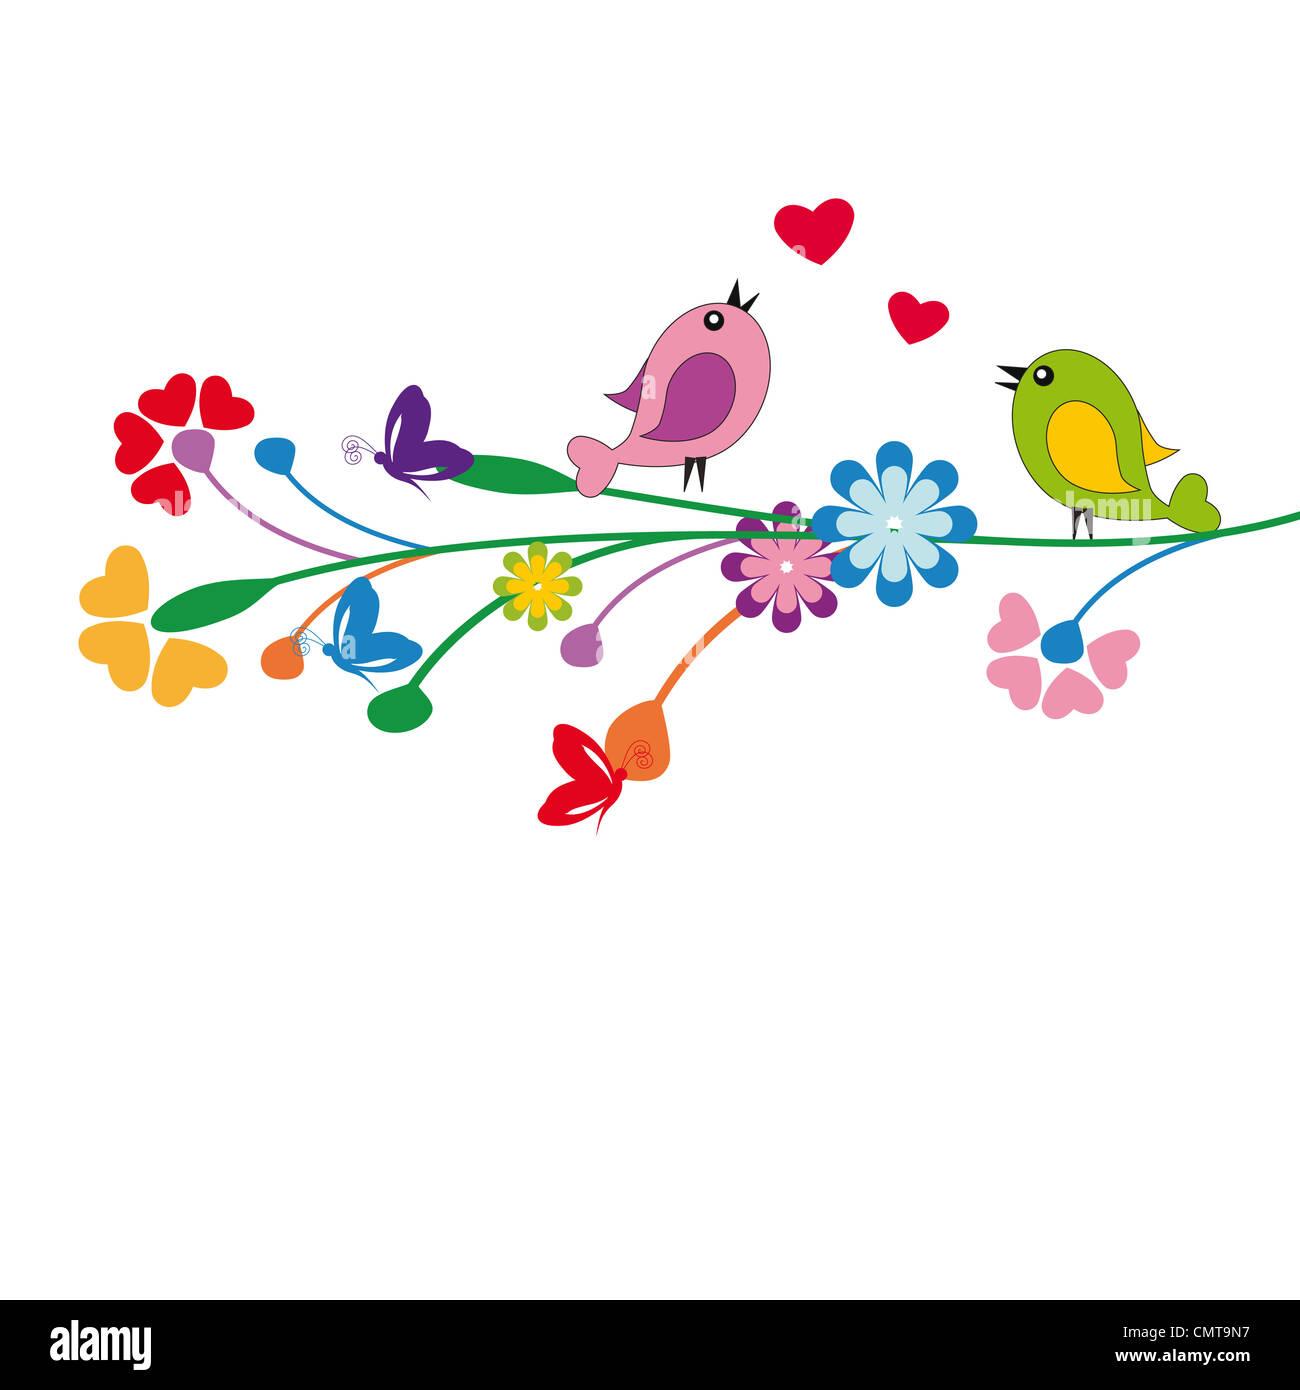 Cute dibujos animados para niños con flores y aves Imagen De Stock